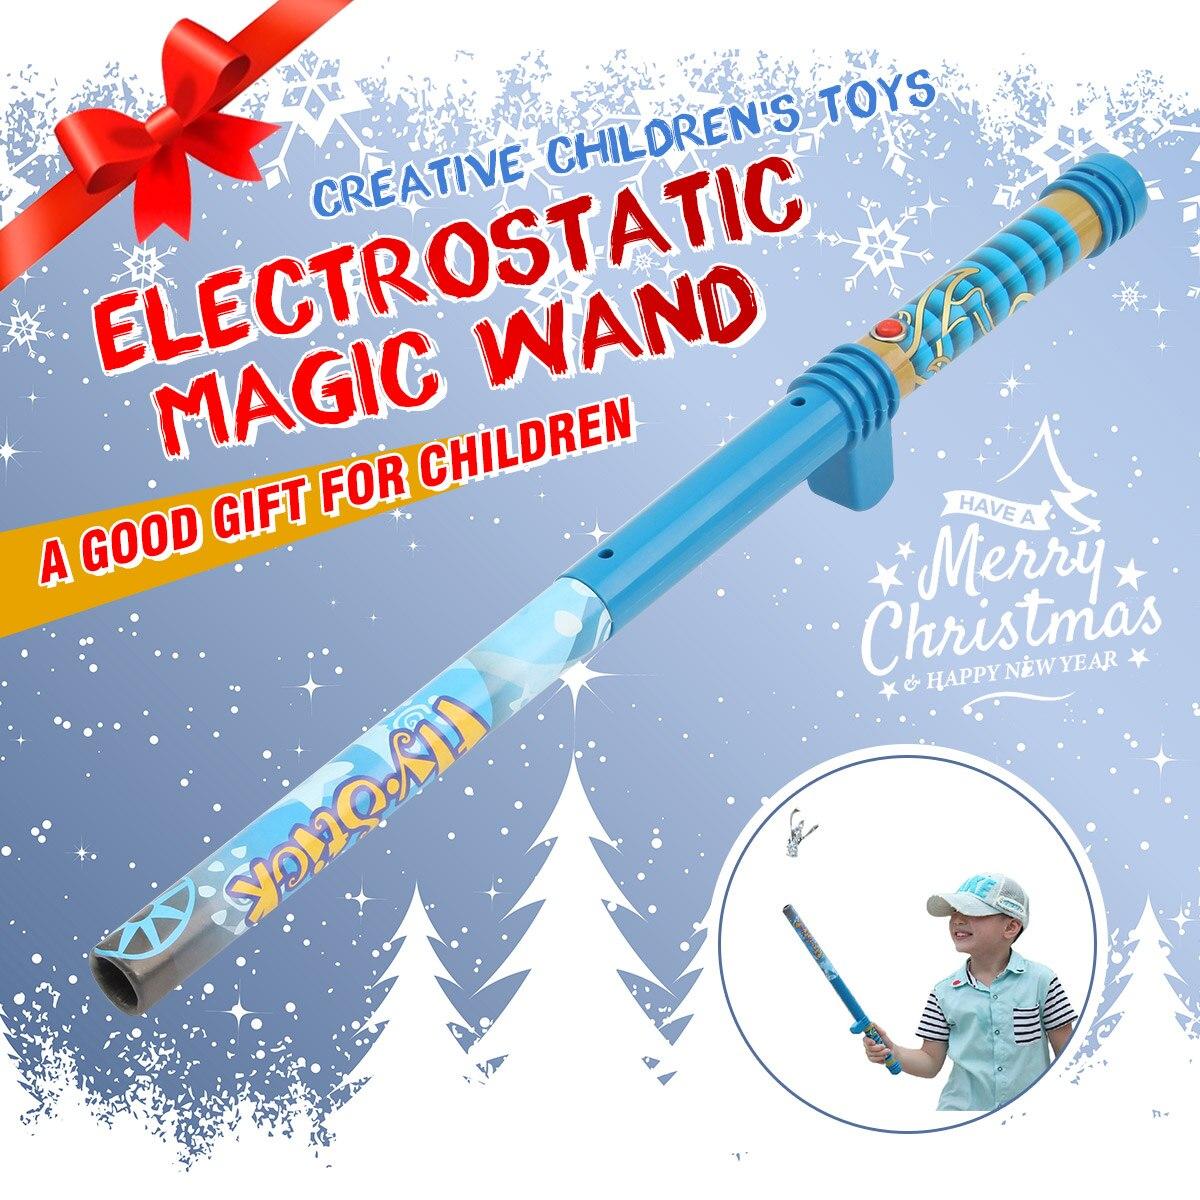 Zauberstab Spaß Elektrische Levitation Fly Stick Mini Spielzeug Roman Geschenk Lustige Fly Stick Magie Levitation Zauberstab Spielzeug